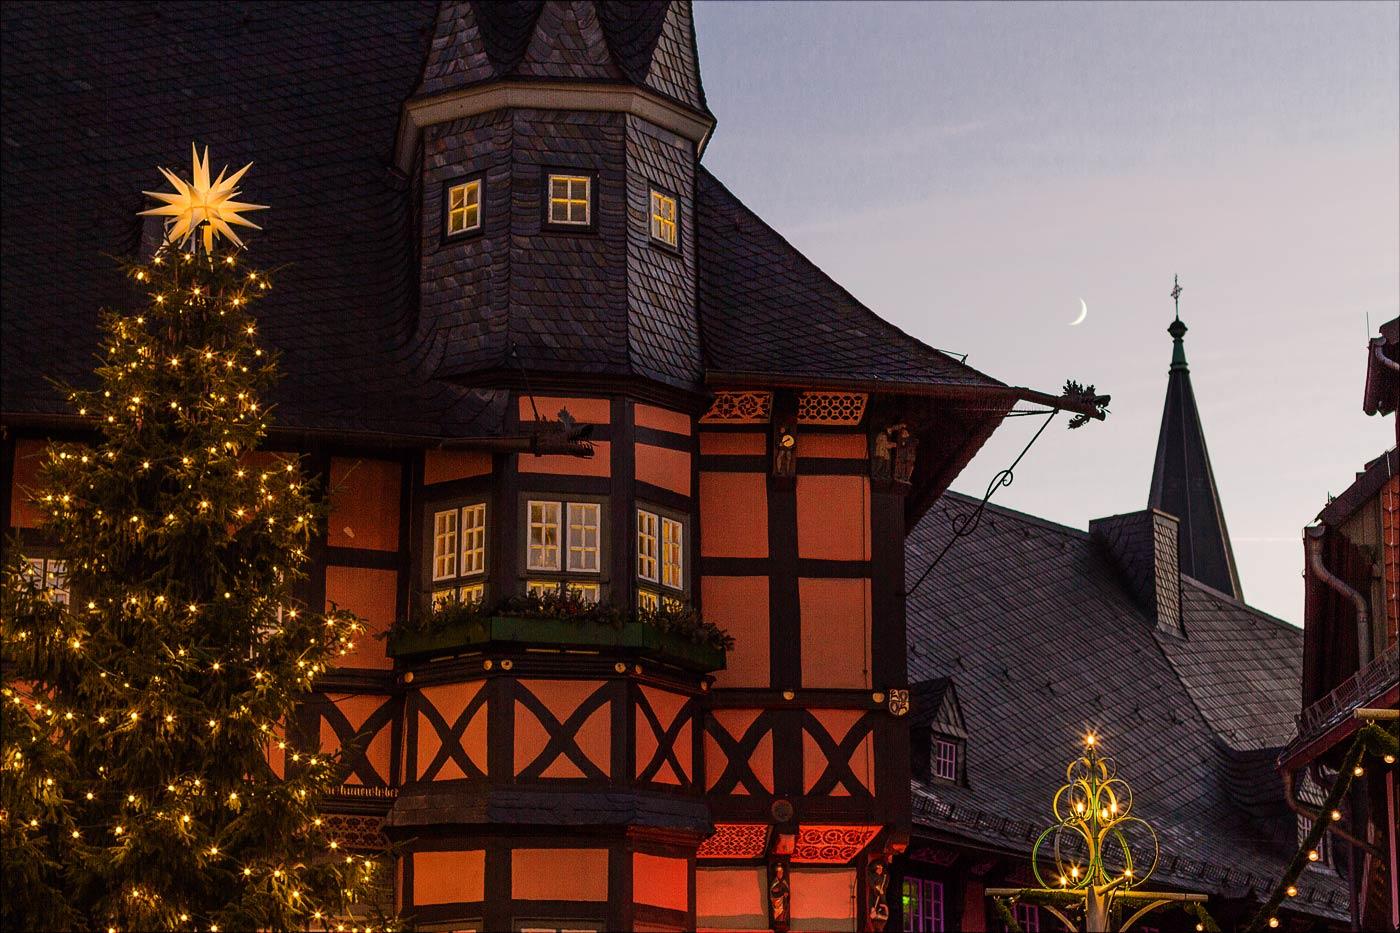 http://countryczech.com/wp-content/uploads/2016/12/photos/20161203-172708_Germany_Quedlinburg.jpg